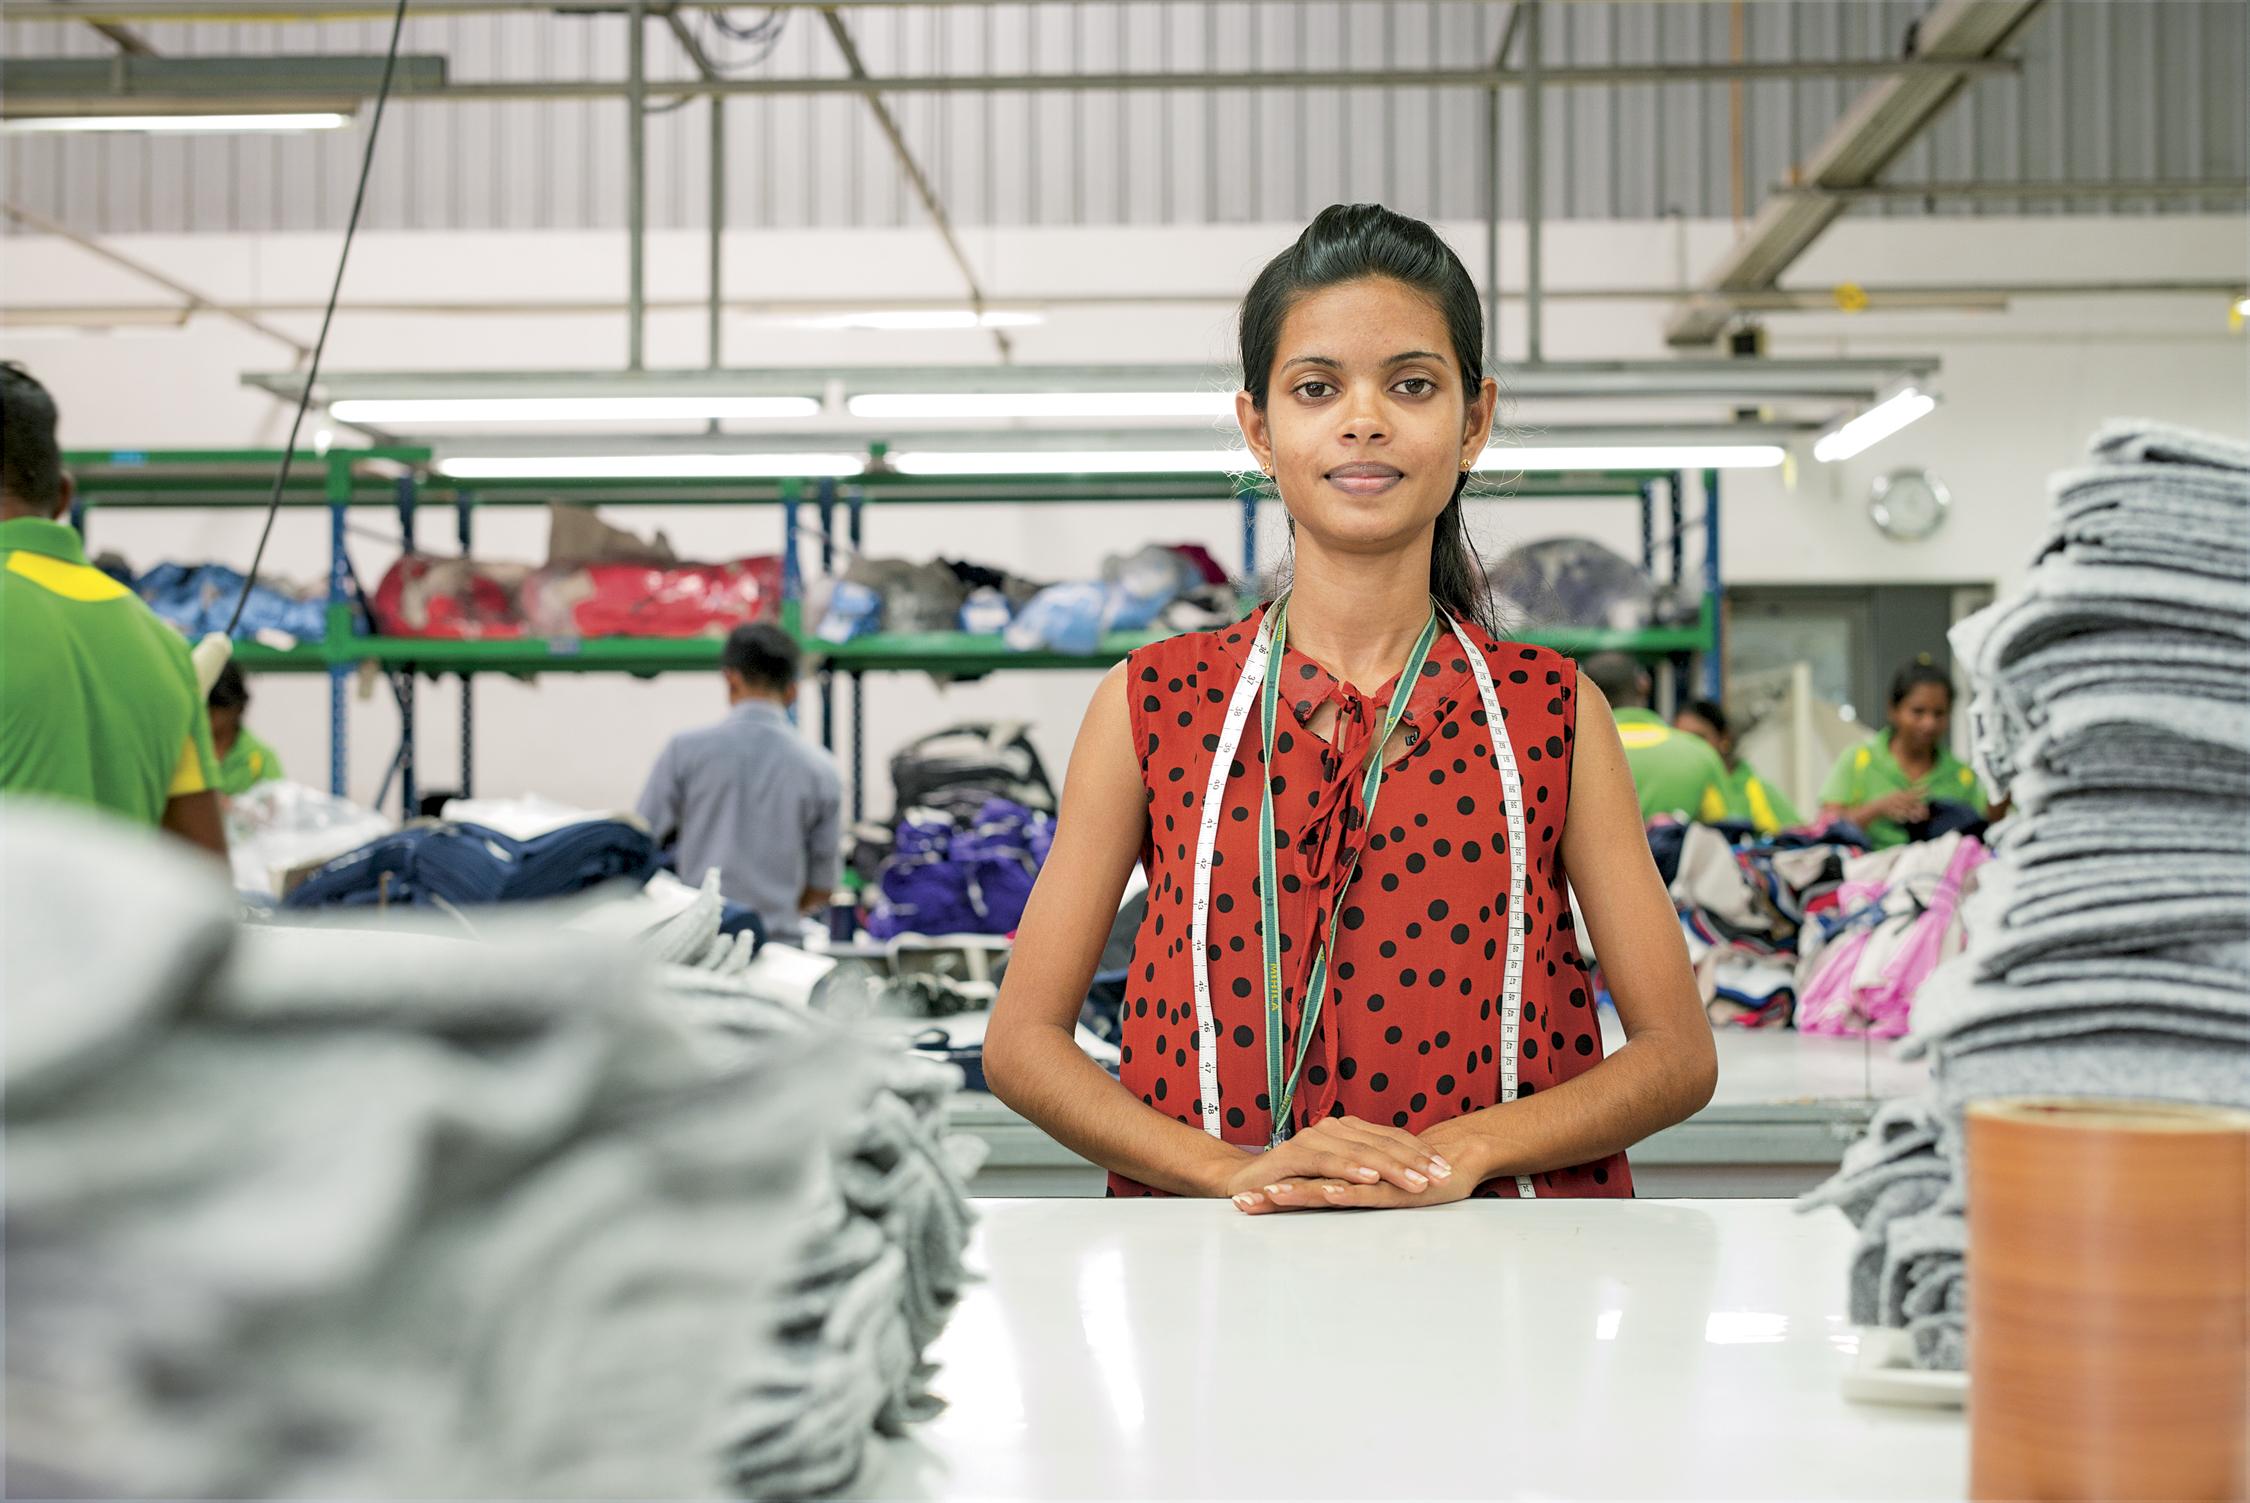 fair trade прожиточный минимум рабочим